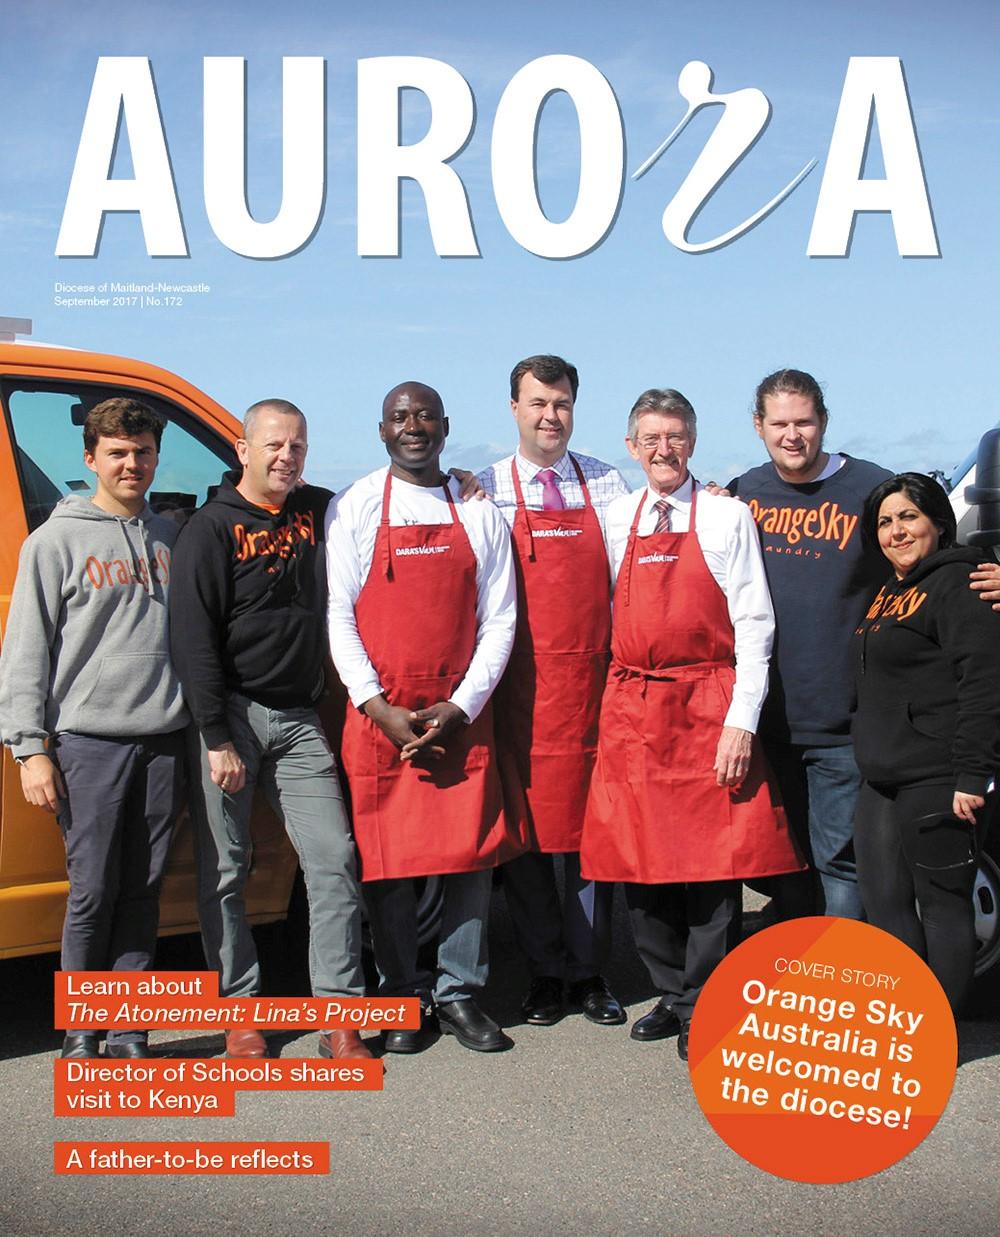 Aurora September 2017 Cover Image